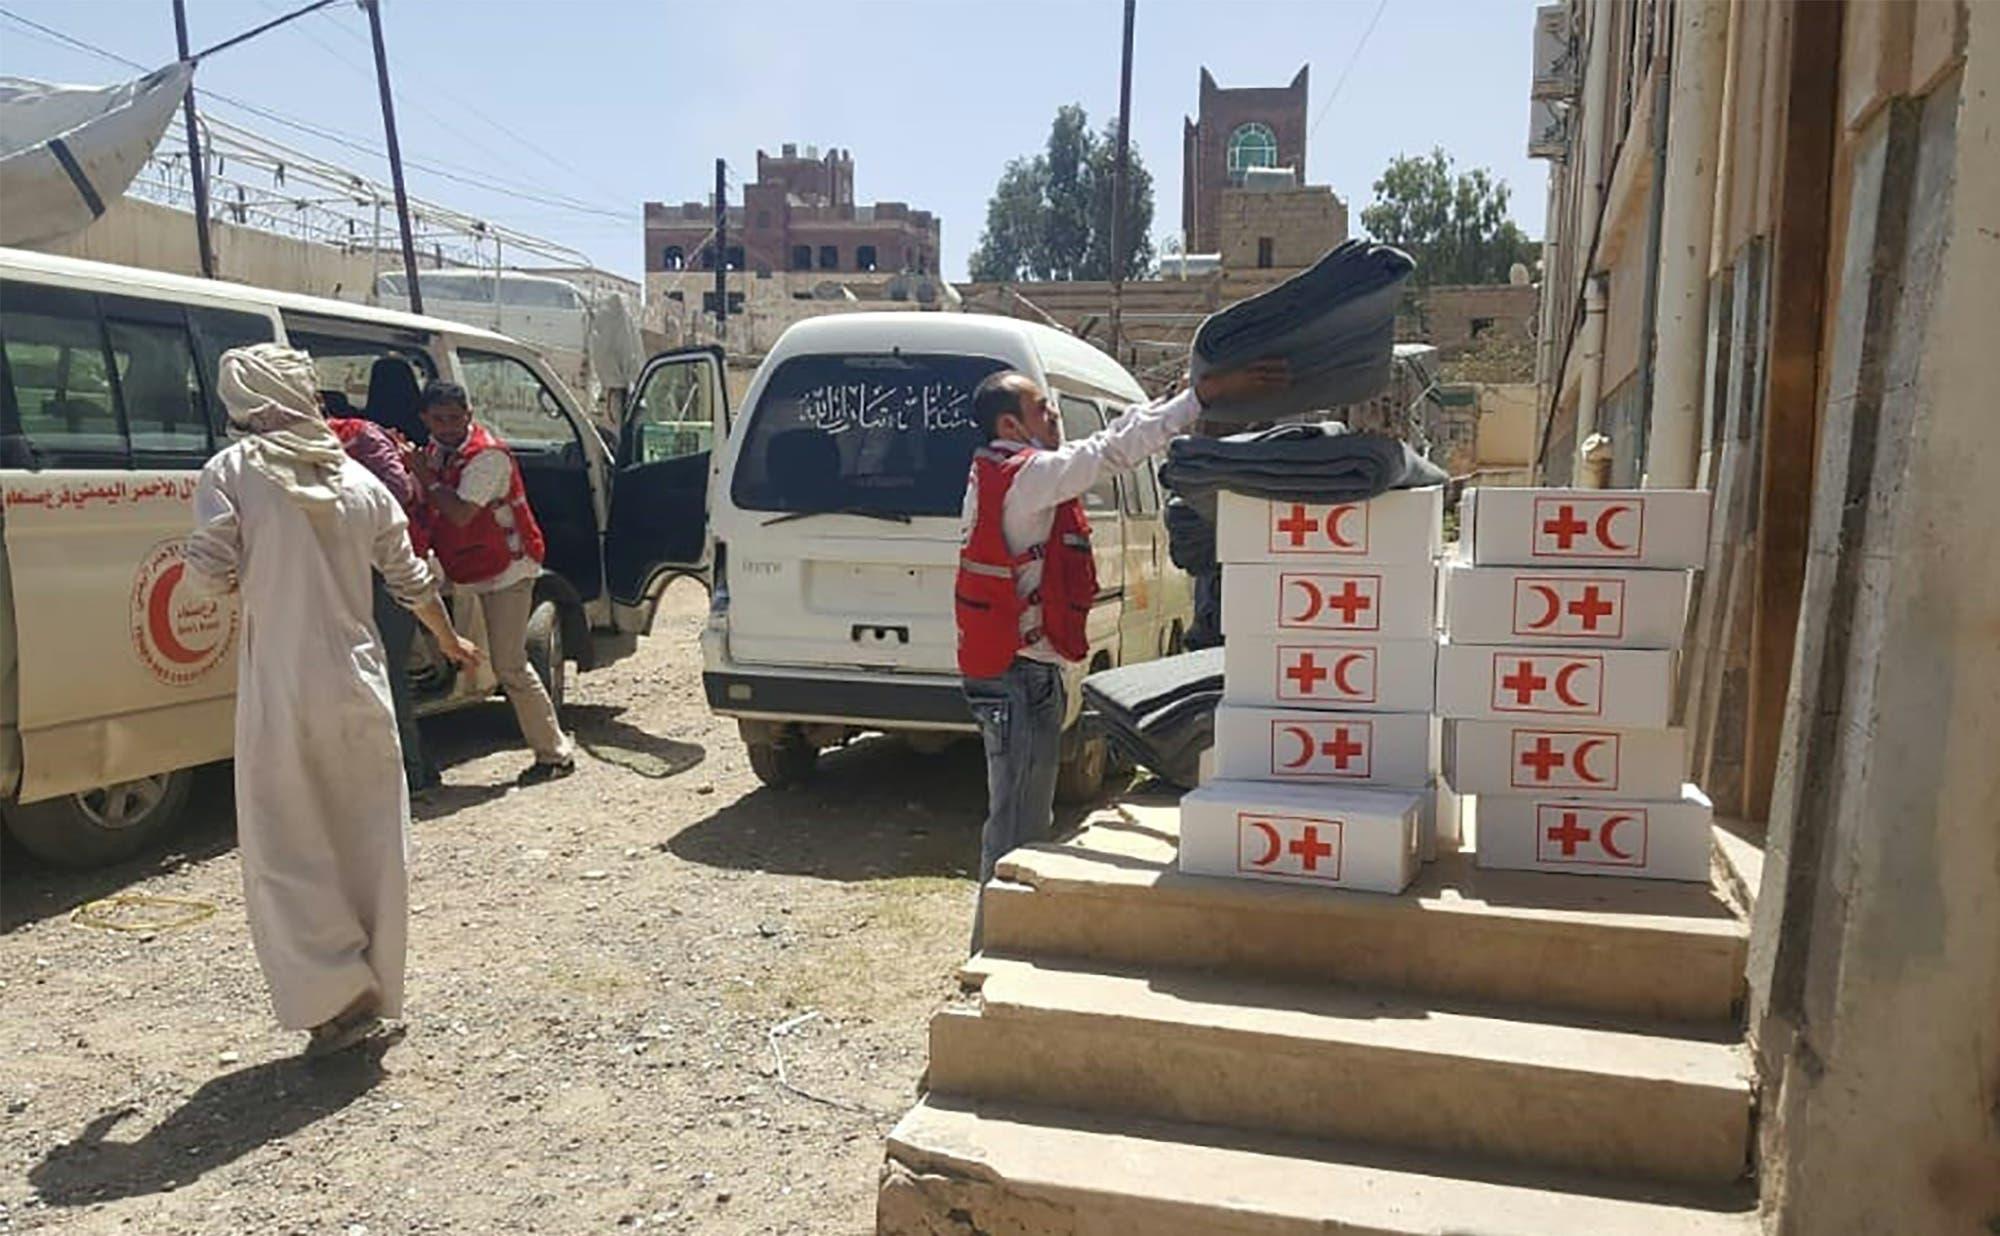 تسليم مساعدات طبية في صنعاء في ابريل الماضي لمواجهة كورونا